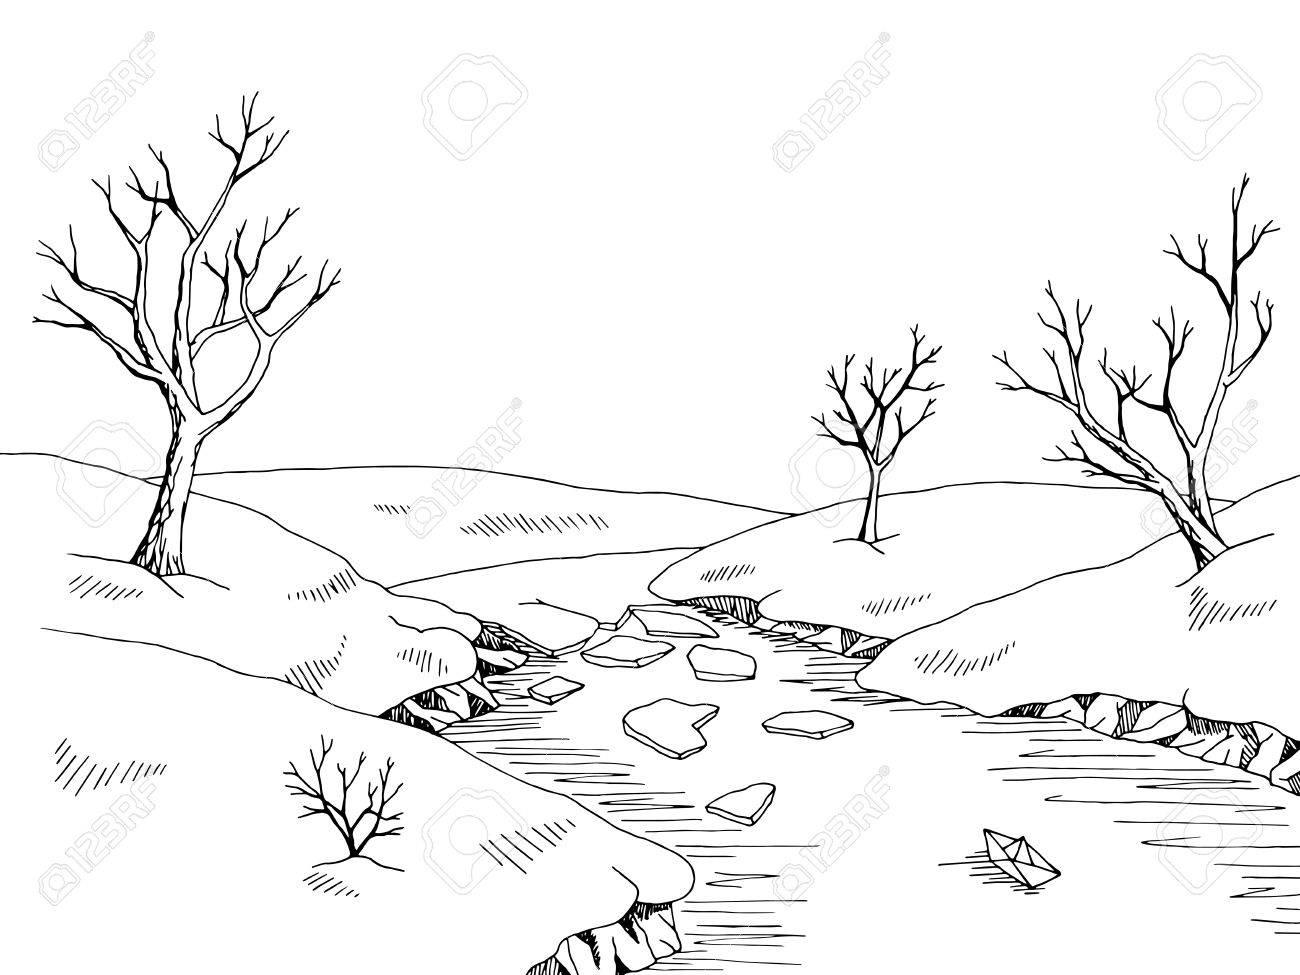 1300x975 Spring River Graphic Black White Landscape Sketch Illustration